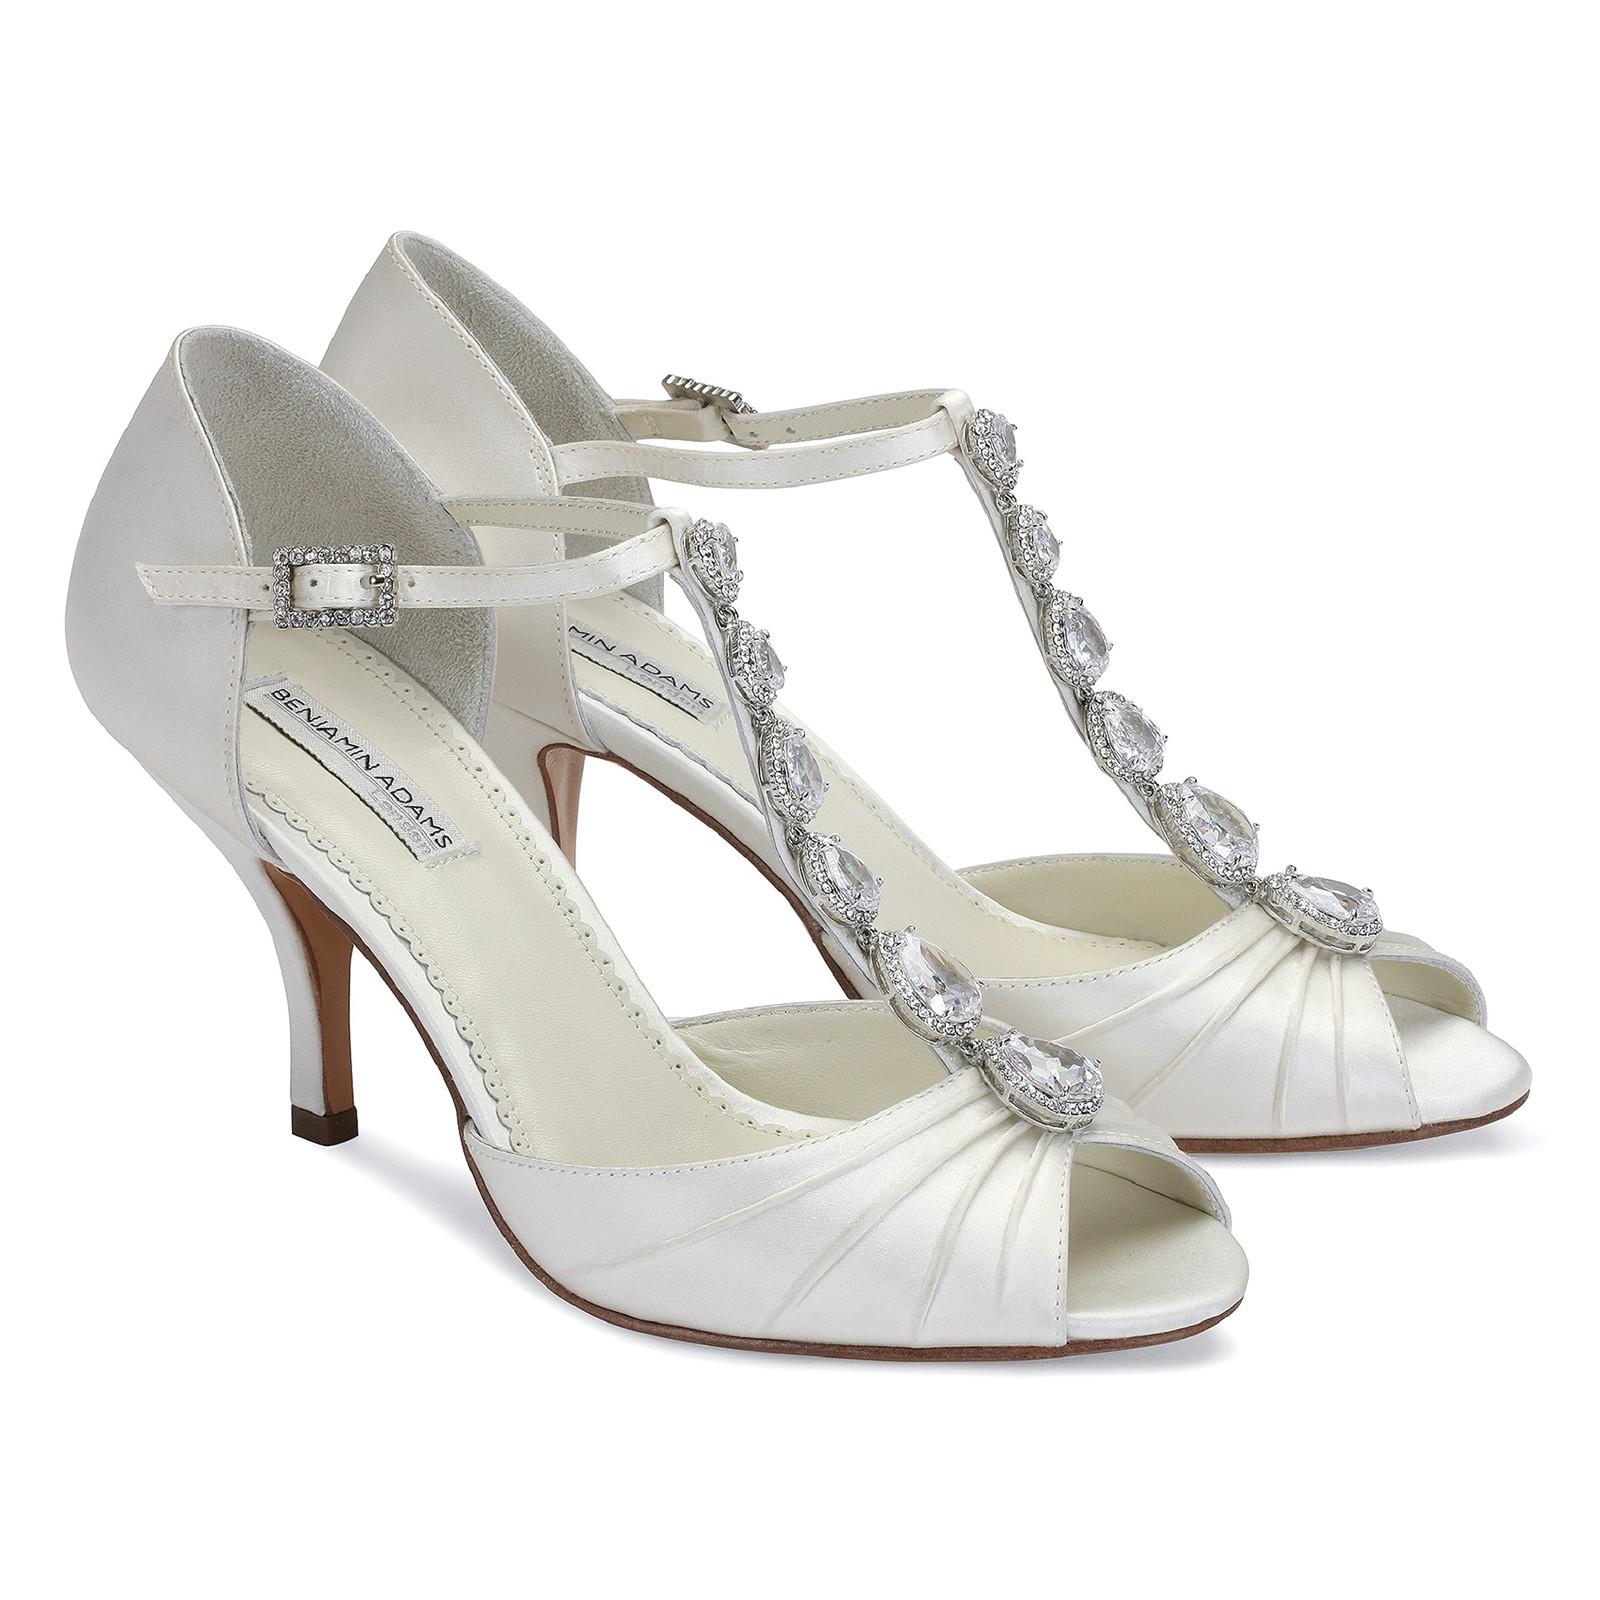 Benjamin Adams Bridal Shoes Sale